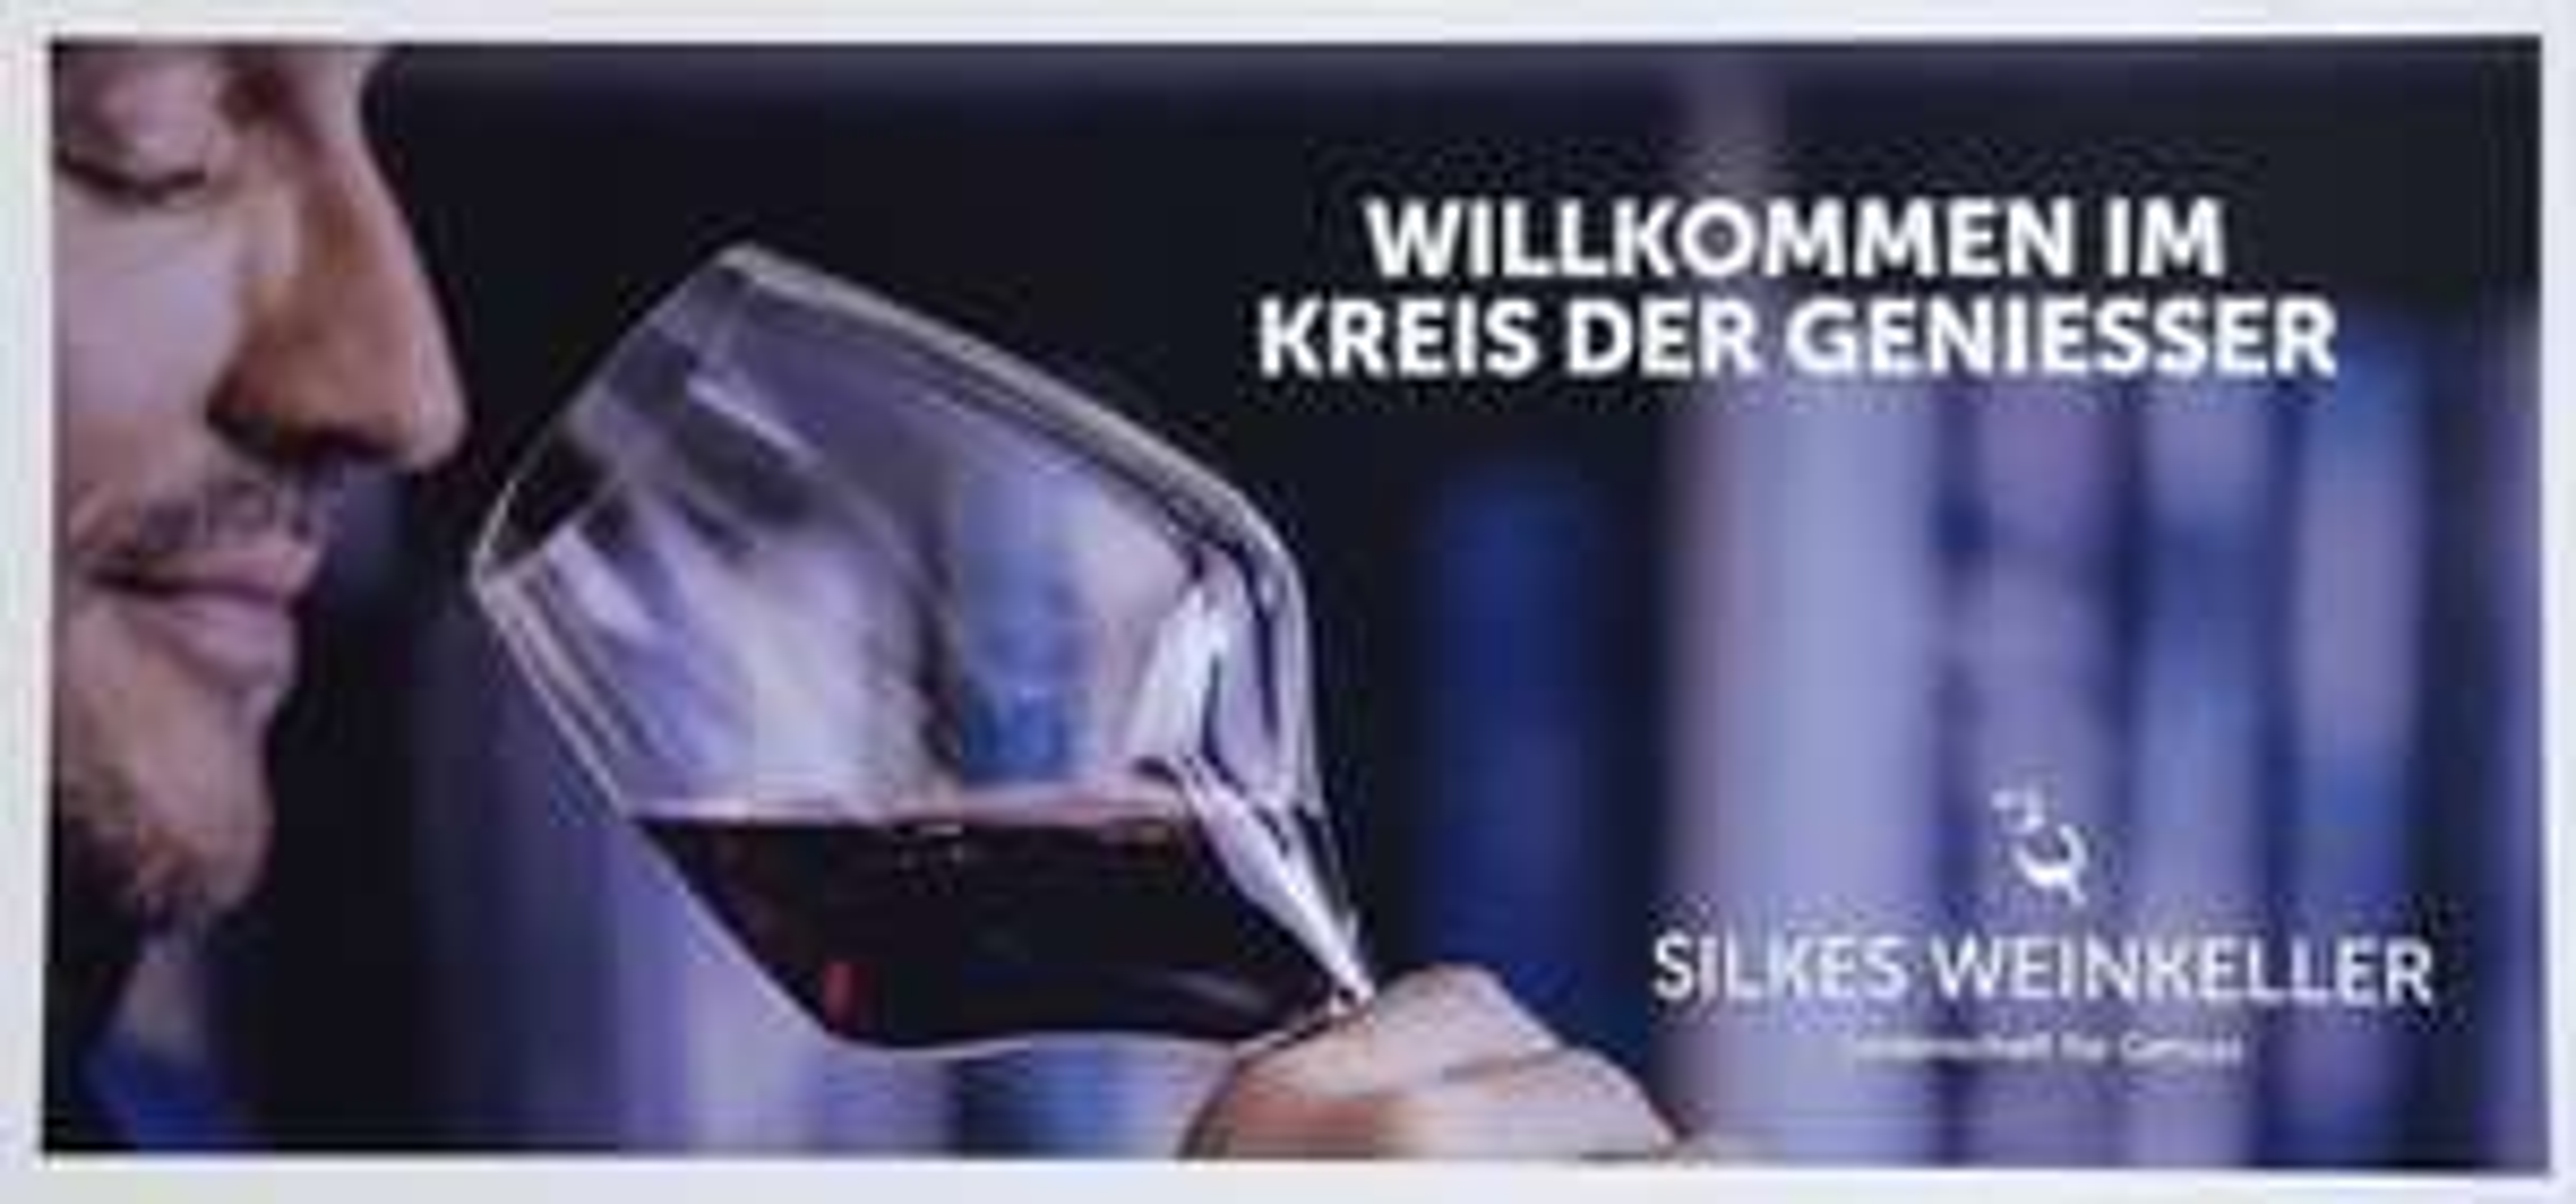 Silkes Weinkeller: €25 bei €75 MBW